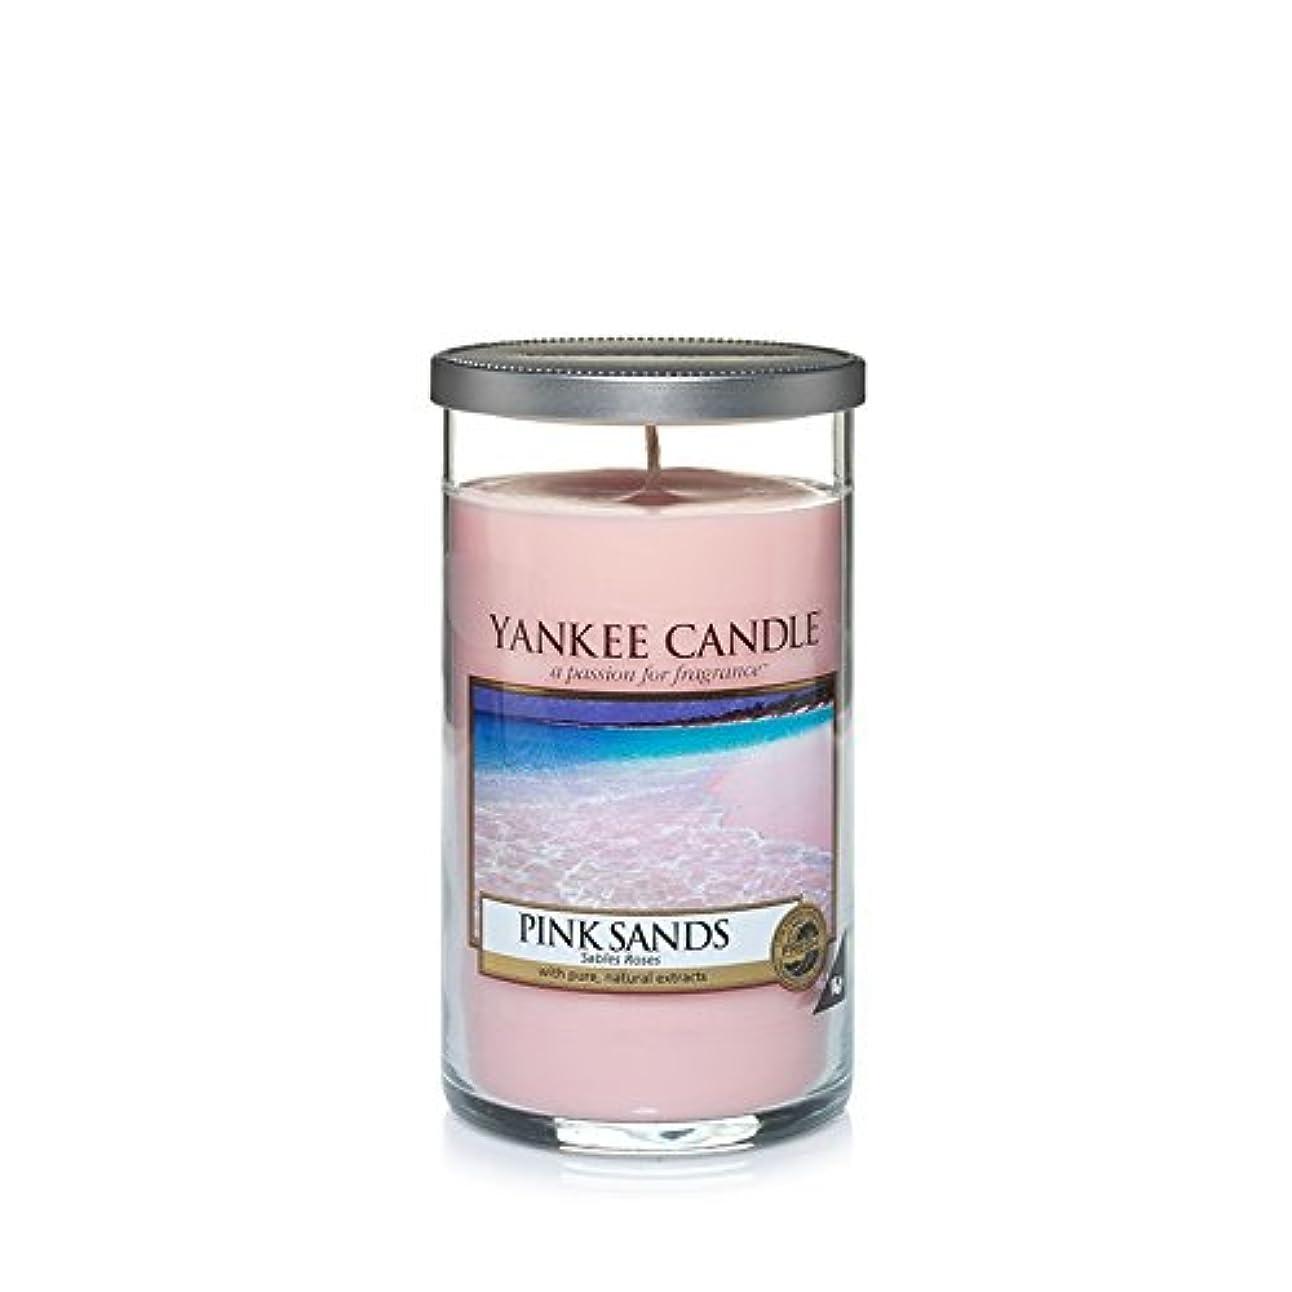 開発膜脊椎Yankee Candles Medium Pillar Candle - Pink Sands? (Pack of 2) - ヤンキーキャンドルメディアピラーキャンドル - ピンクの砂? (x2) [並行輸入品]